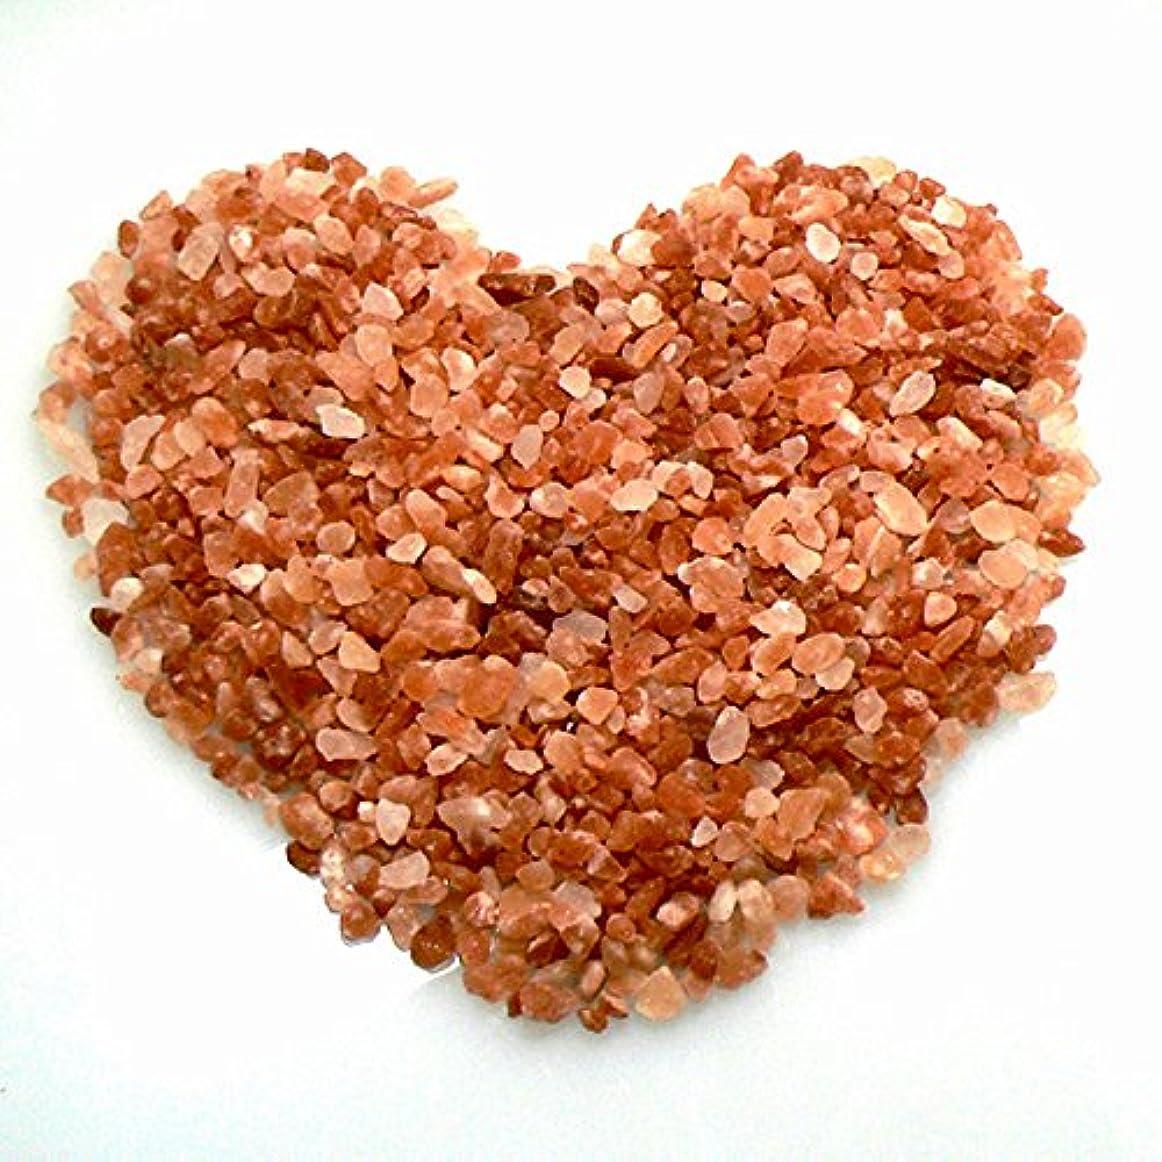 大混乱管理します無礼にヒマラヤ岩塩 ピンクソルト 入浴用 バスソルト(小粒)3kg ピンク岩塩